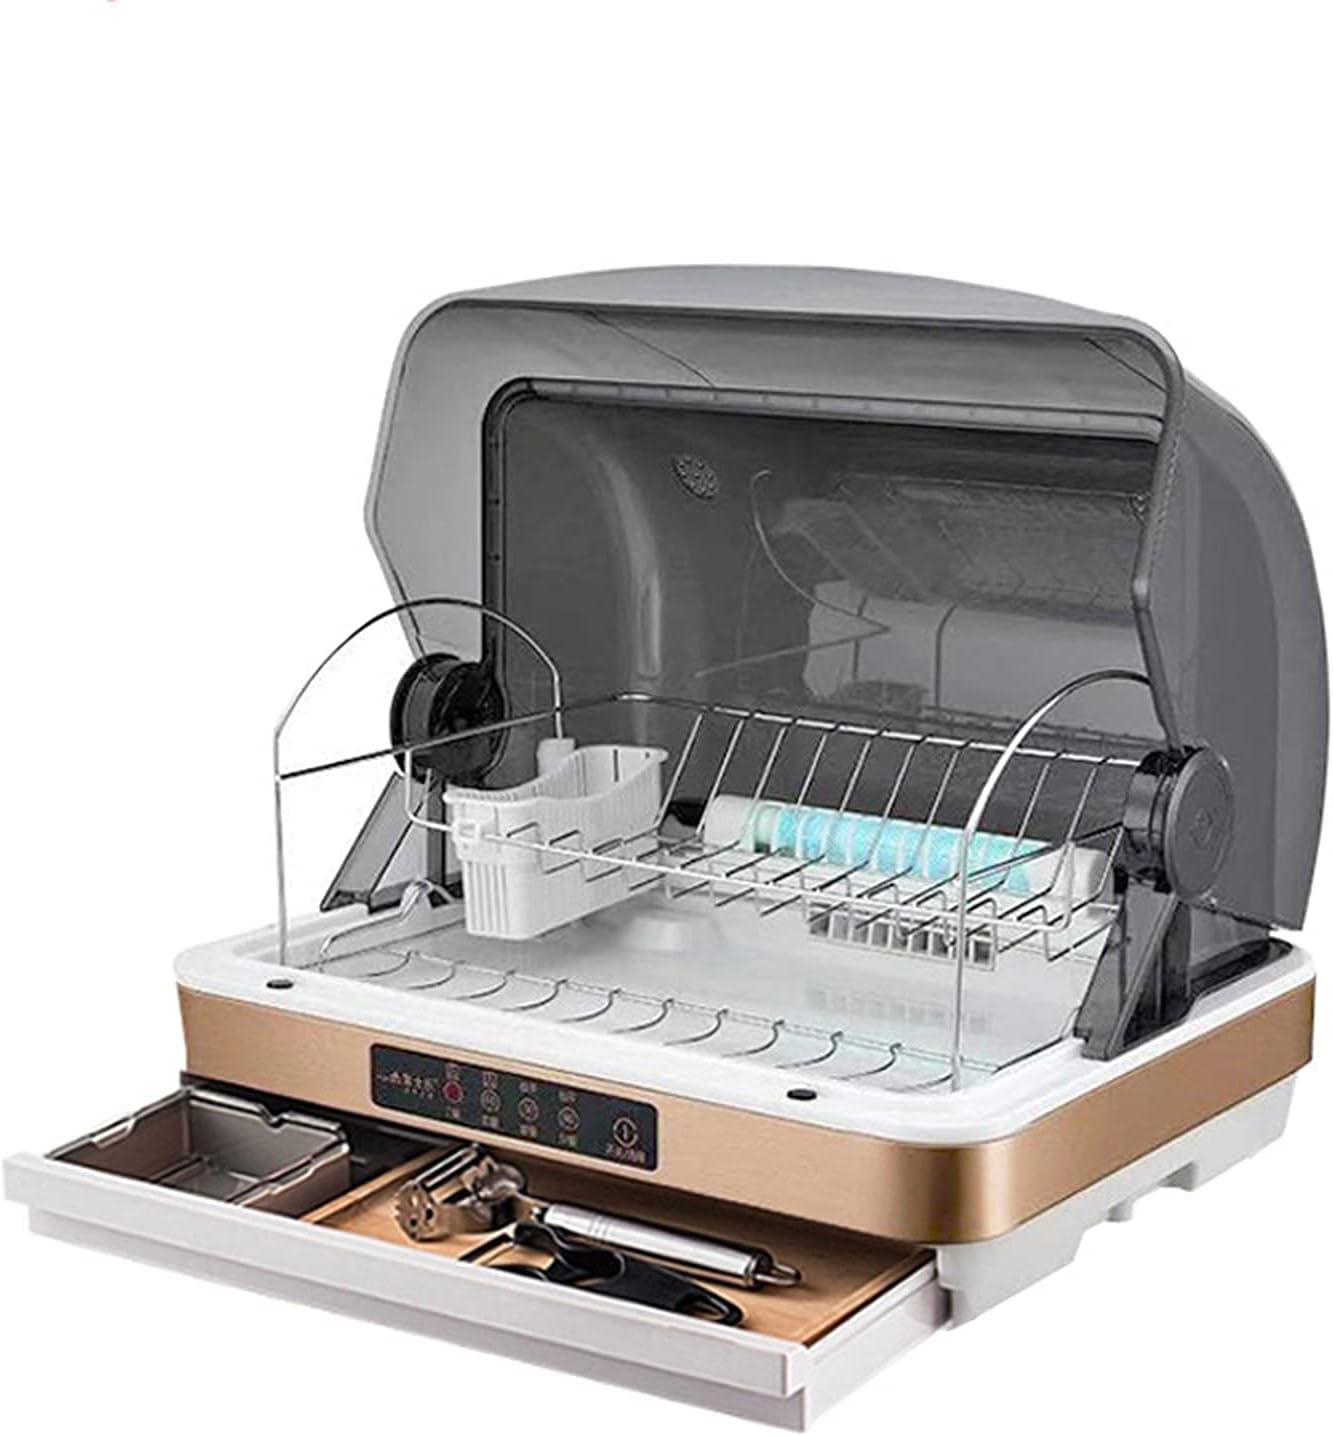 MOSHUO Lavavajillas de encimera portátil, vajilla compacta de Almacenamiento de lavavajillas de 315 W con Pantalla LED y Canasta, para Oficina de apartamento y Cocina doméstica, Amarillo